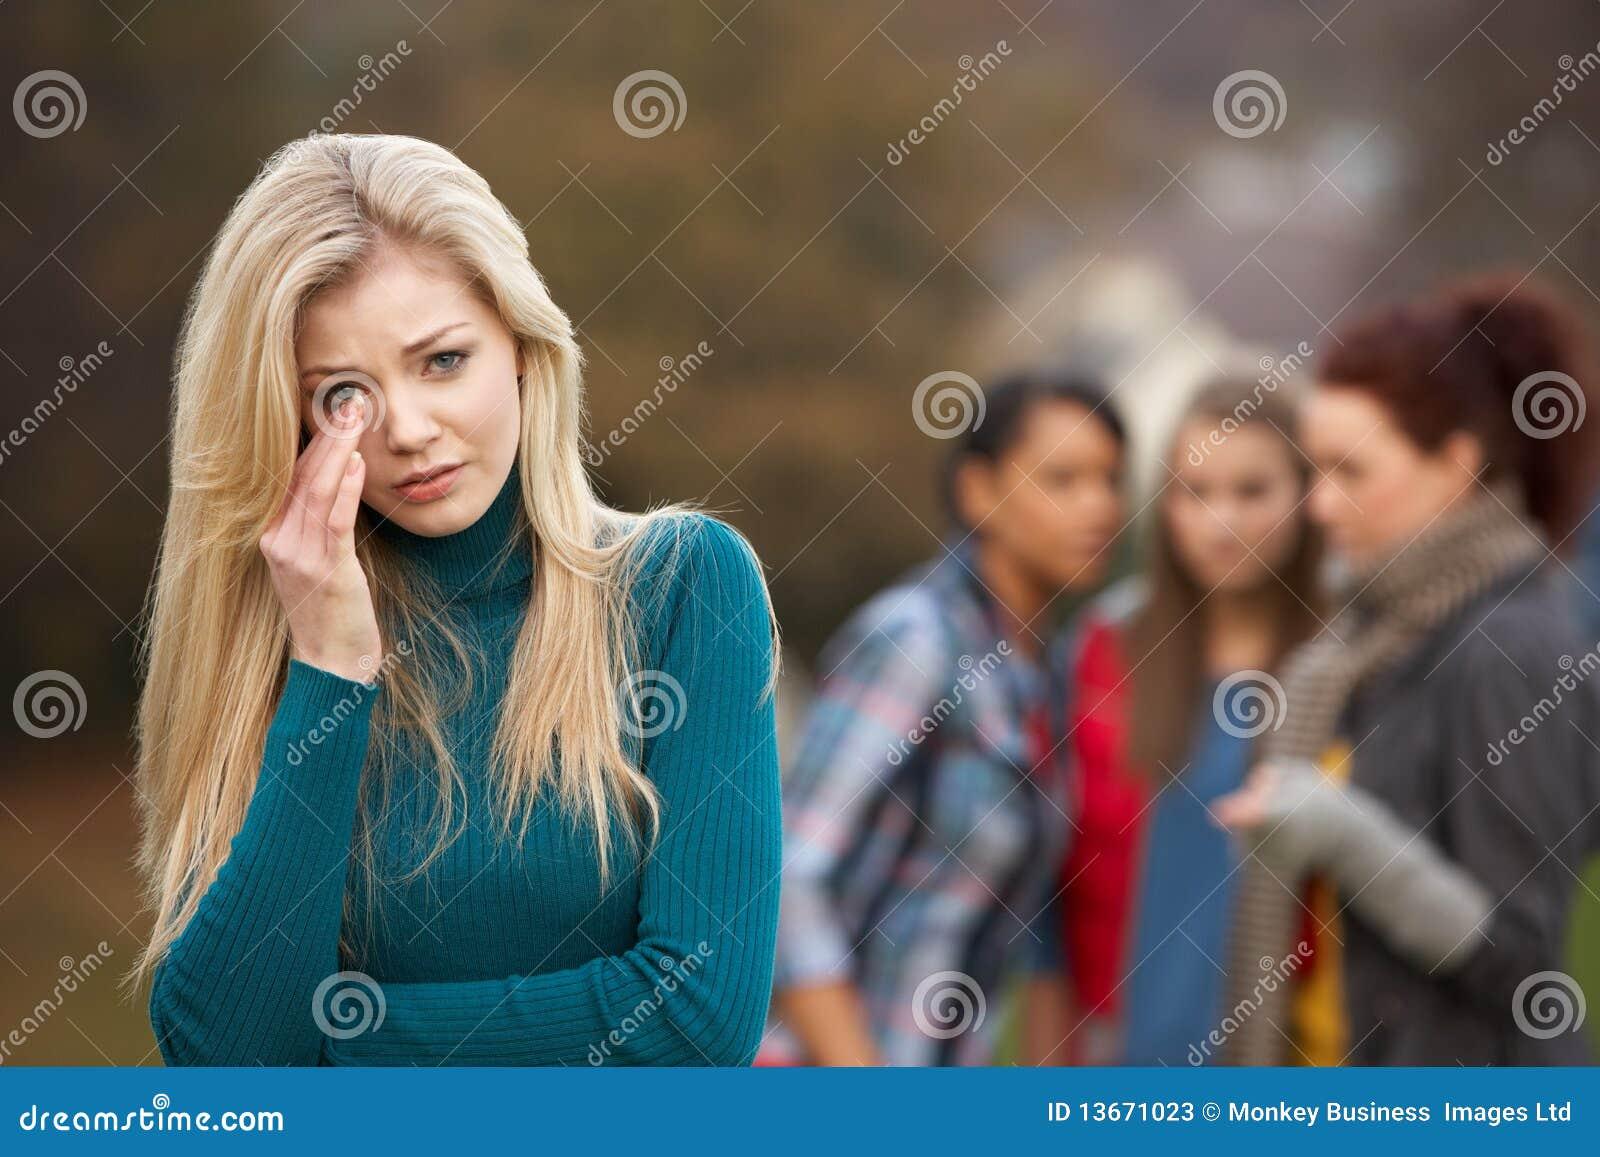 Adolescente Upset con pettegolare degli amici